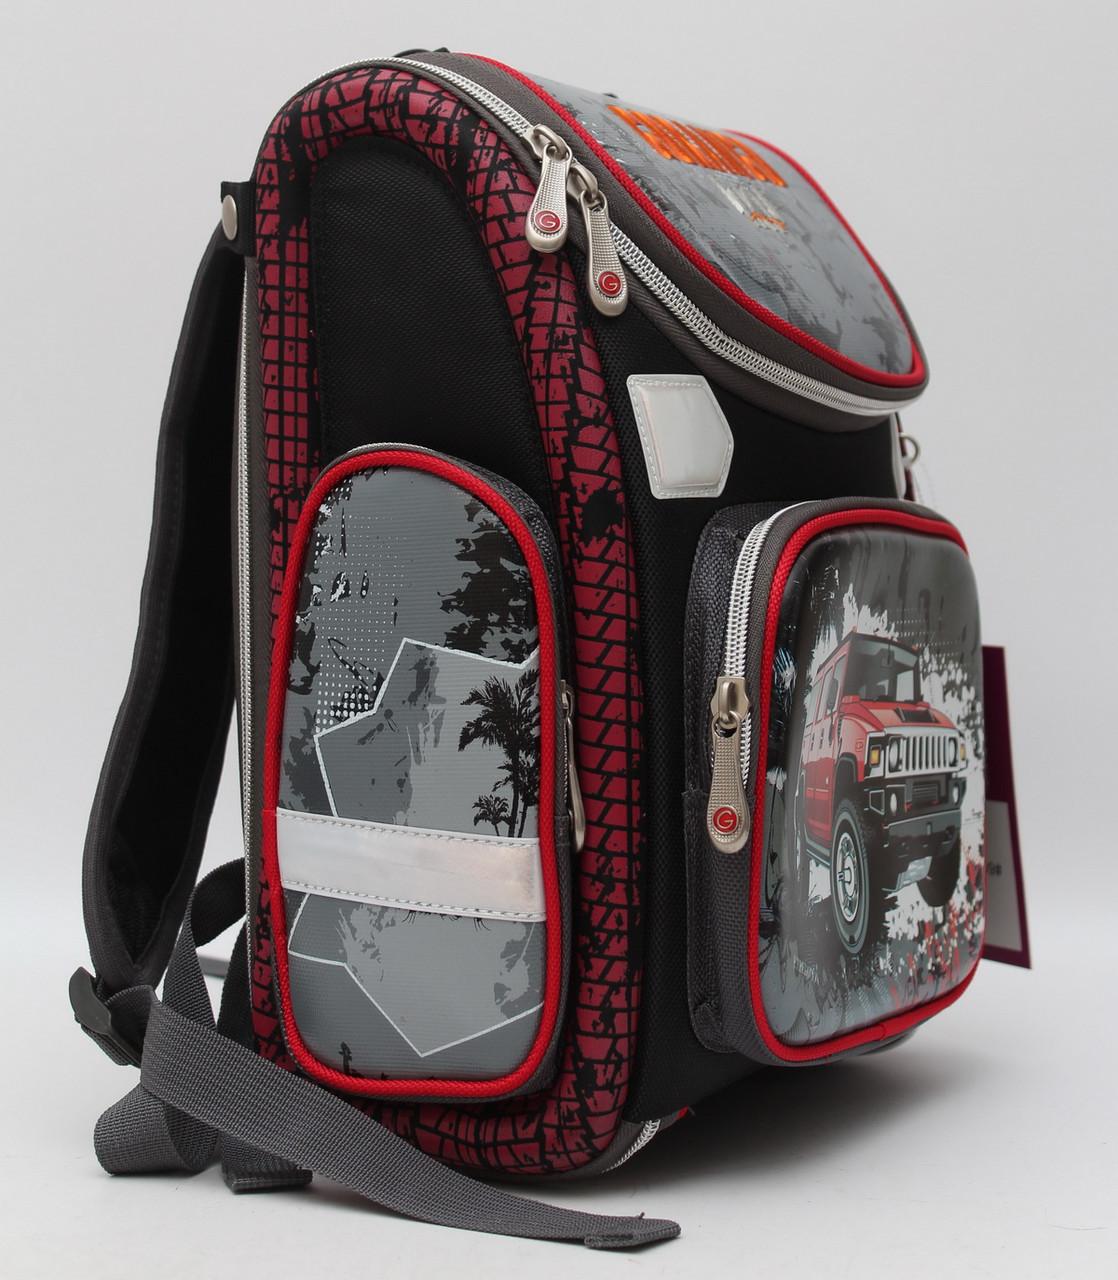 d1c3837cb411 Код Стильный школьный рюкзак для мальчика. Ортопедический рюкзак. Отличное  качество. Низкая цена.